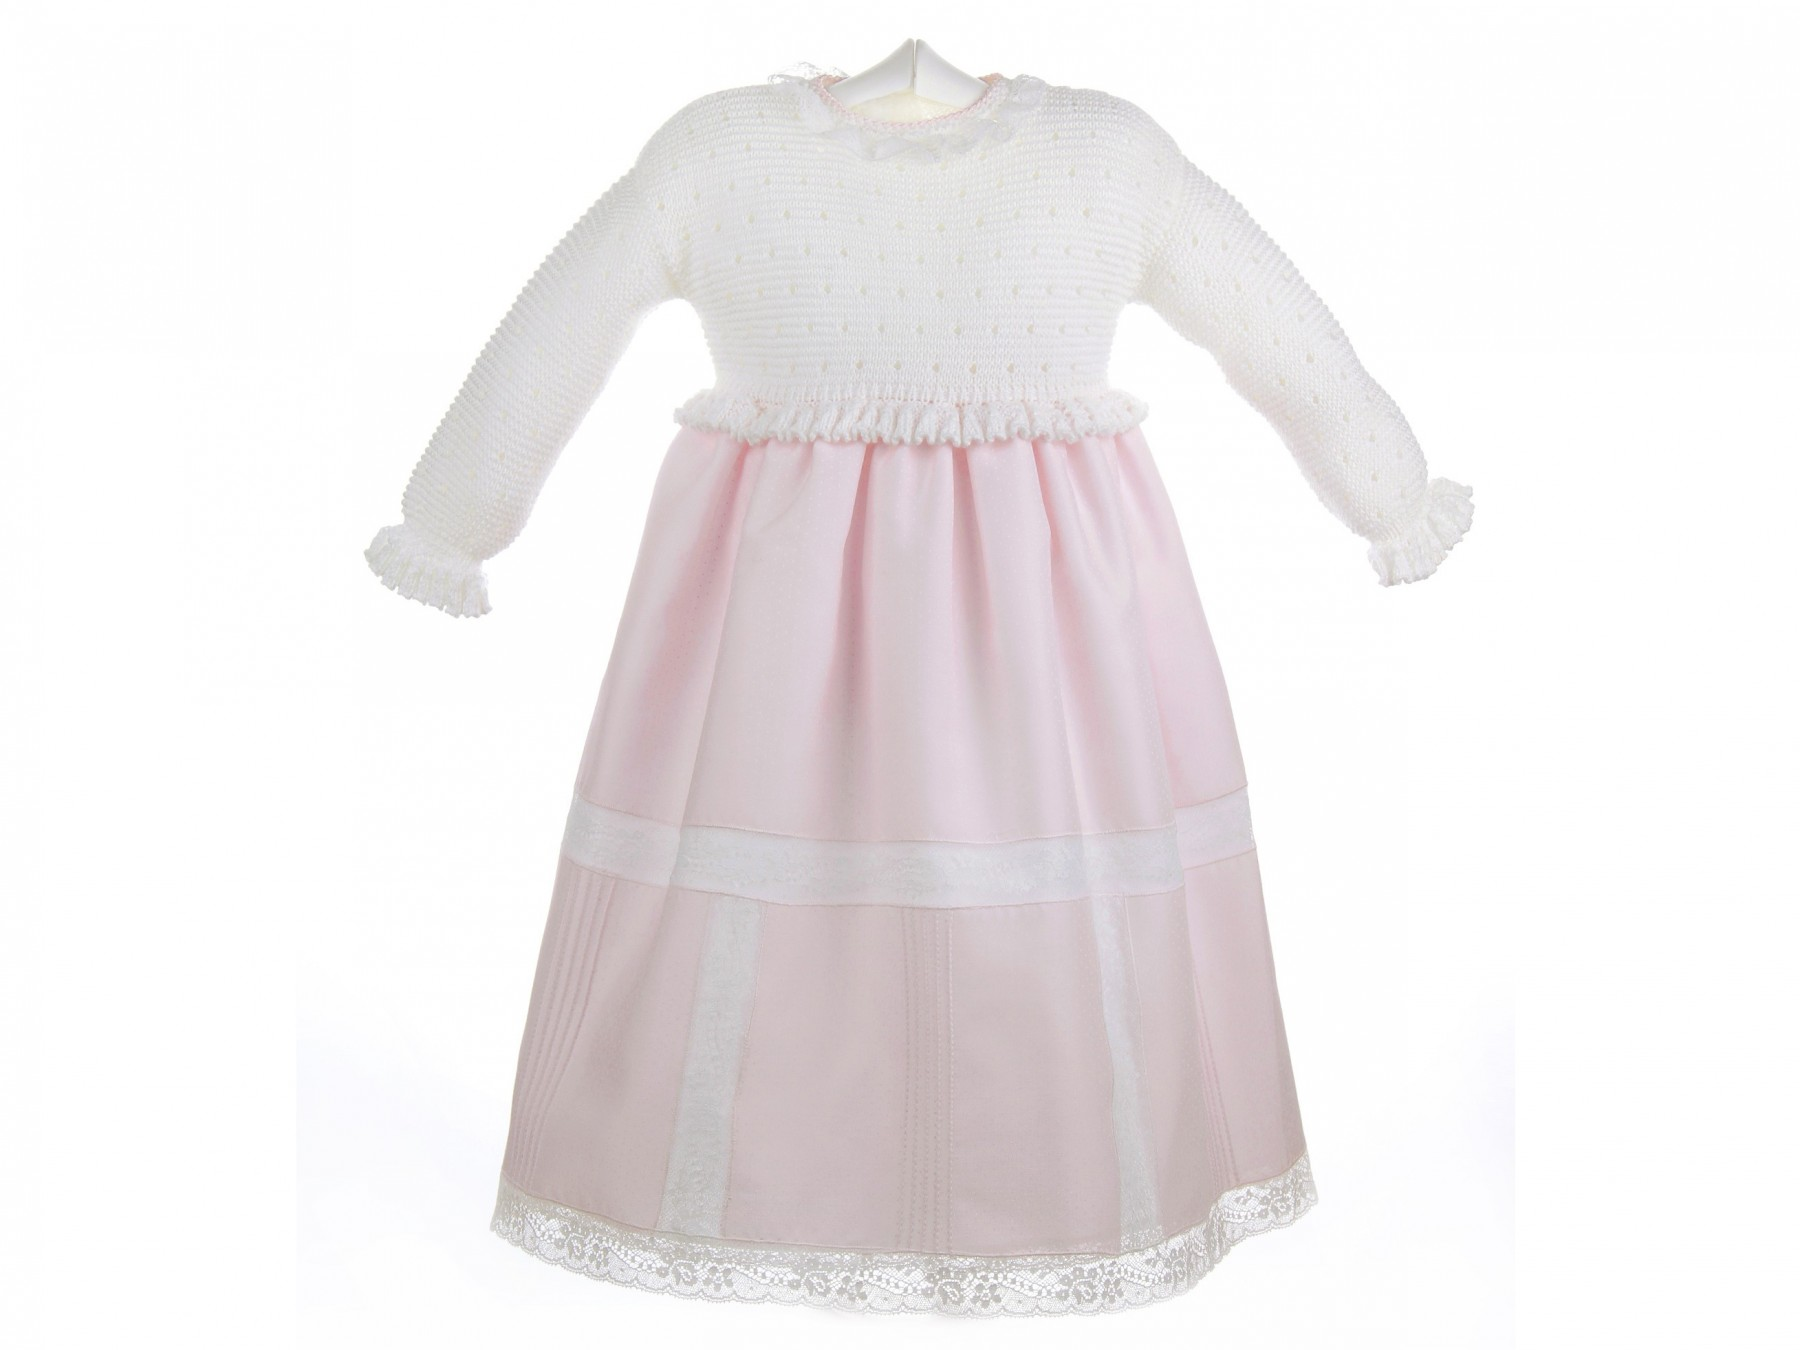 Faldón de bebé con el cuerpo de punto bobo calado y falda con entredoses rosa